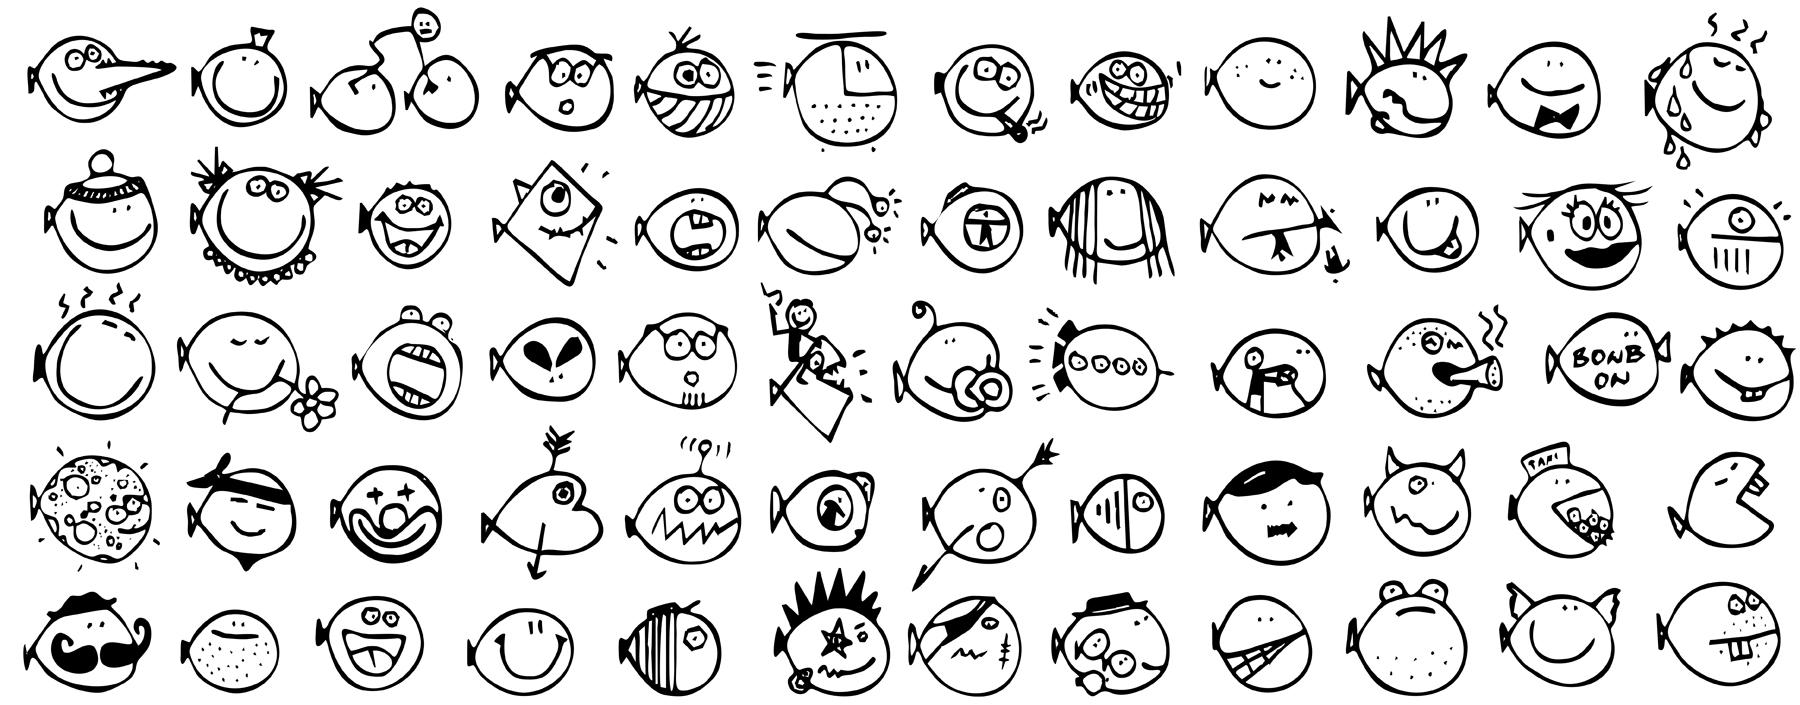 doodles UAX Fish life